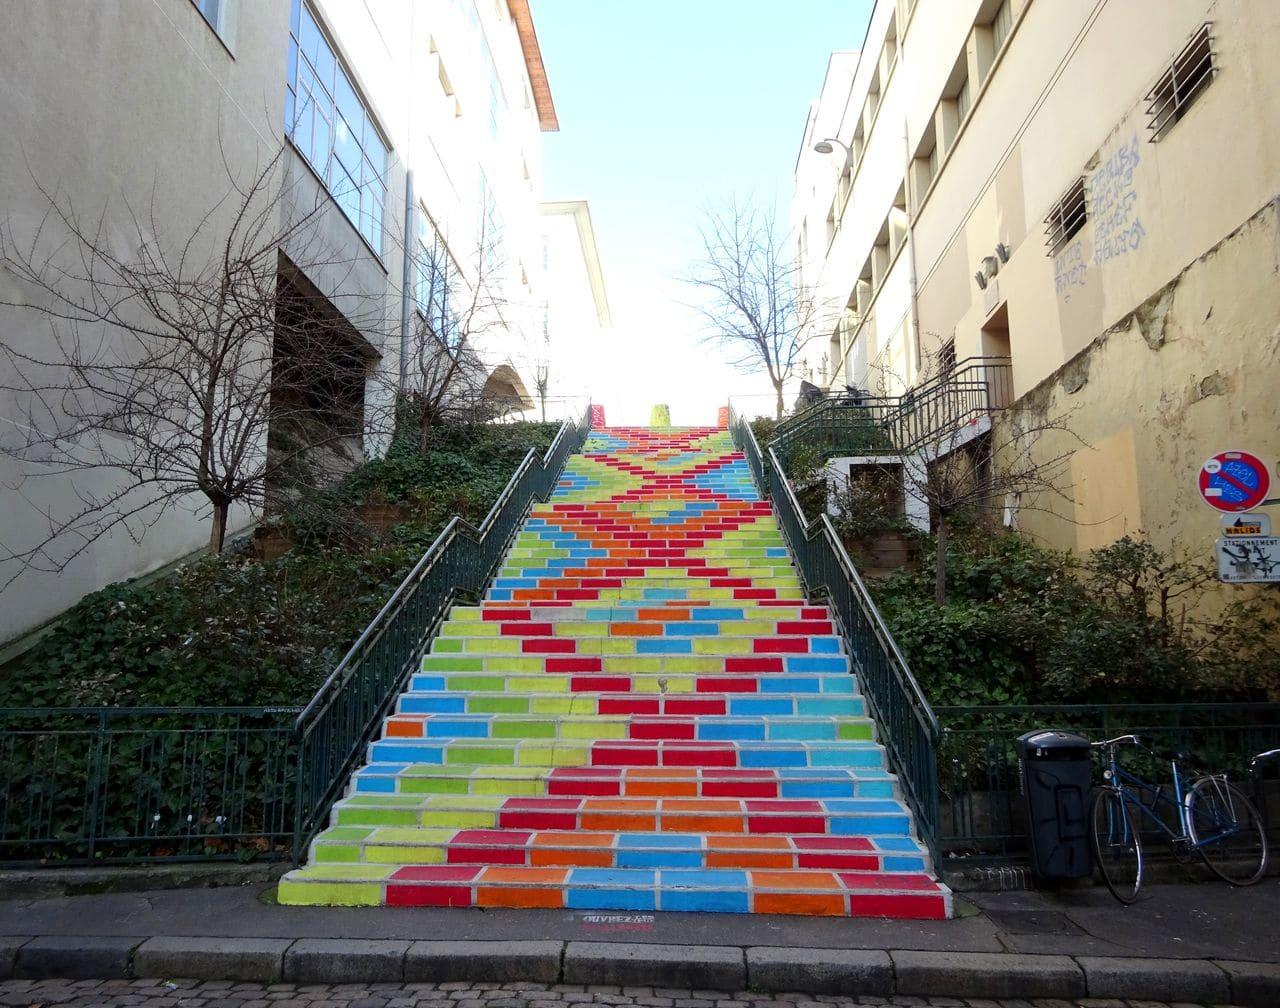 rue prunelle street art lyon